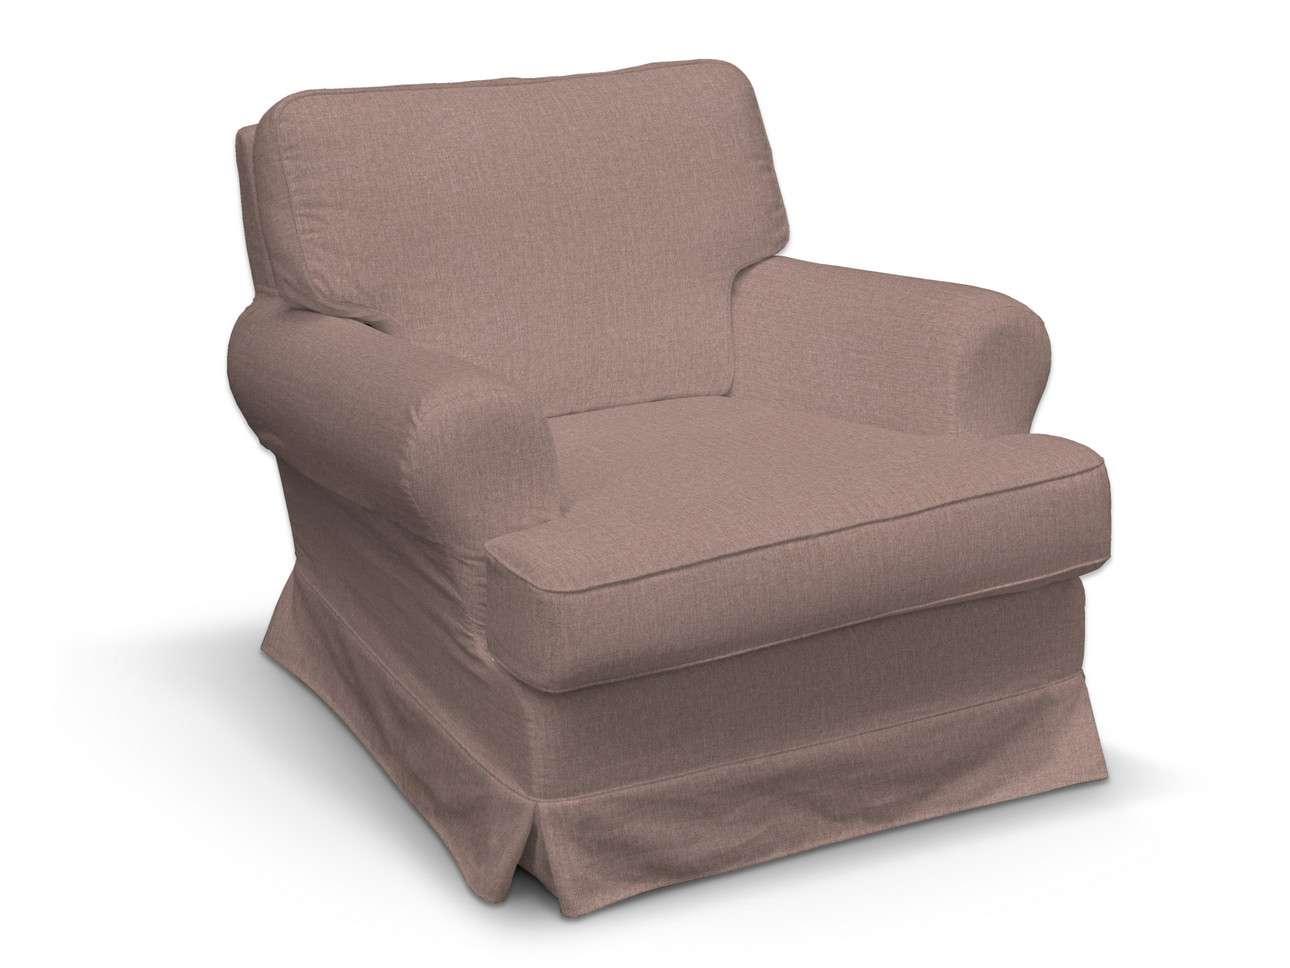 Pokrowiec na fotel Barkaby w kolekcji City, tkanina: 704-83